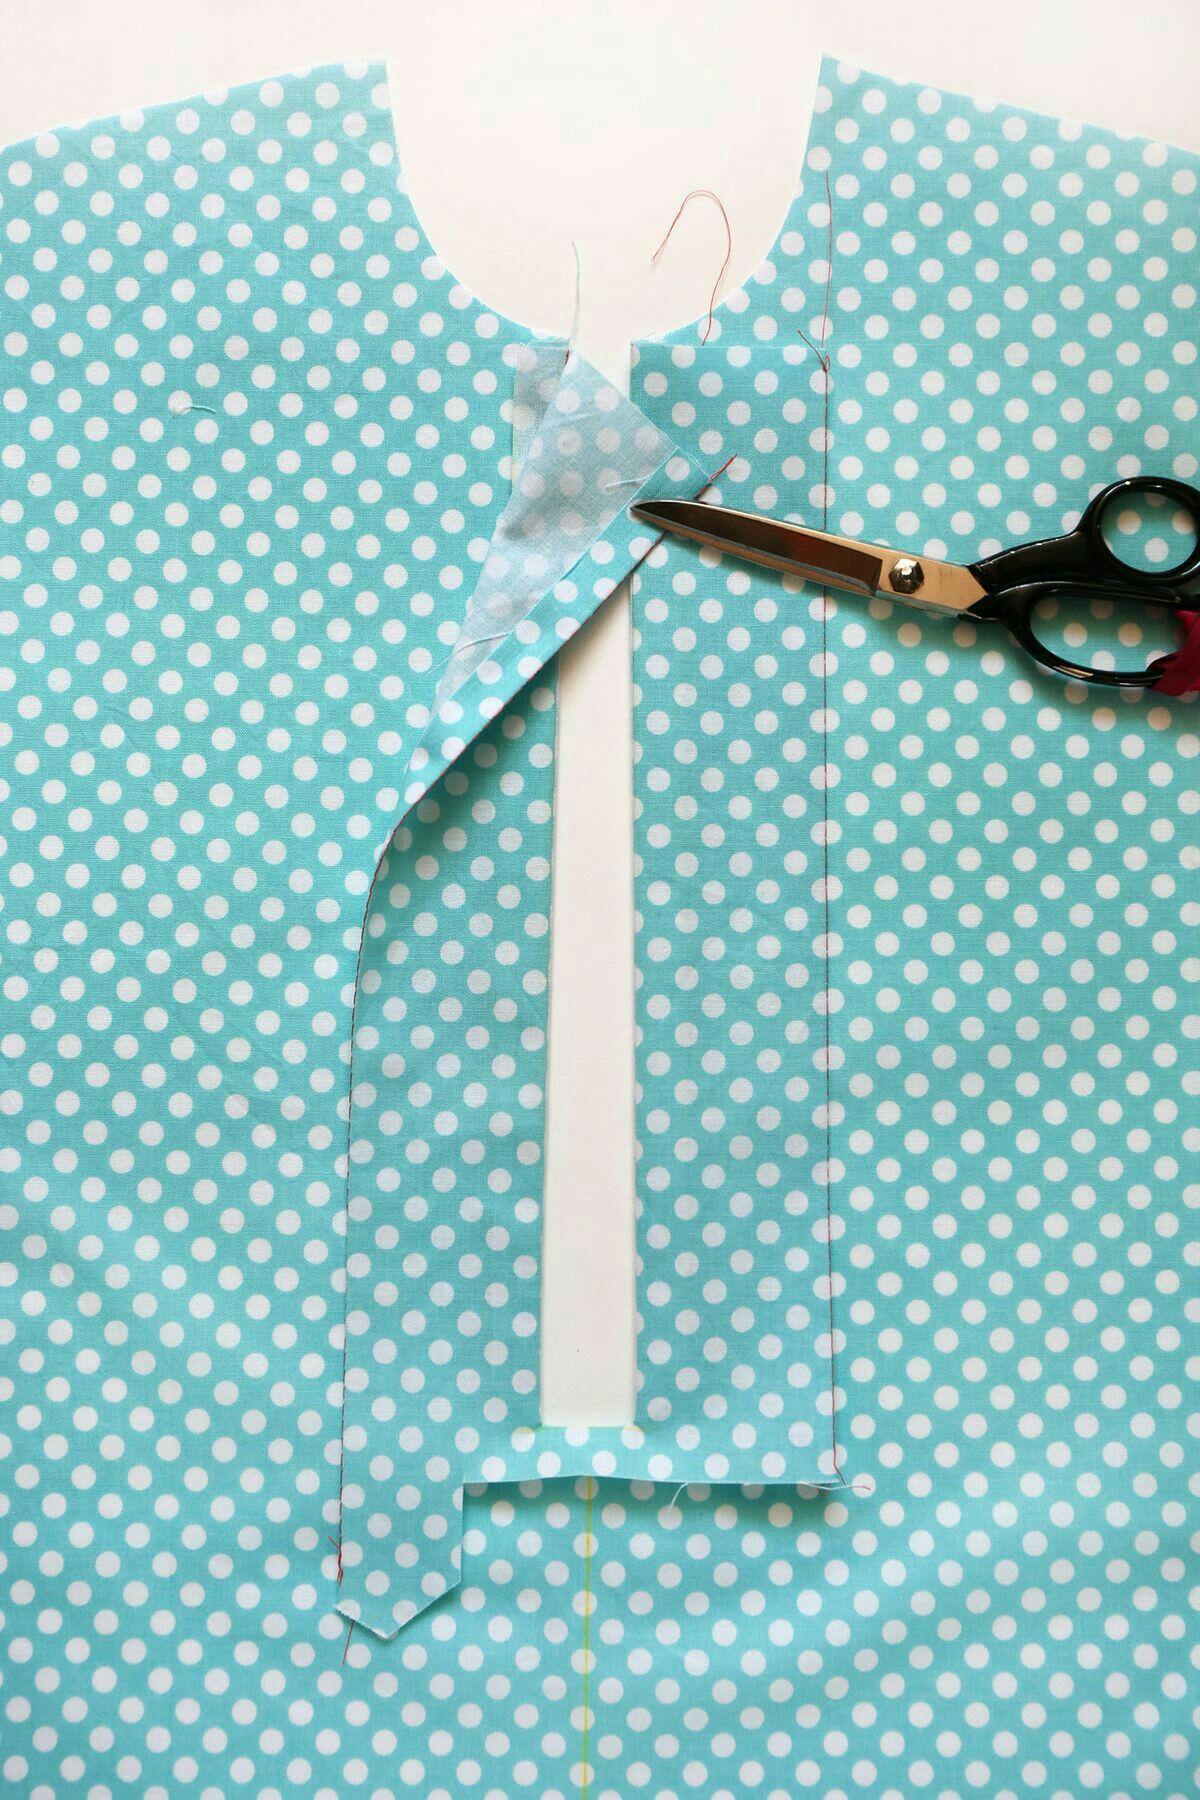 Pin von patricia gonzales auf acabados | Pinterest | Stoffe